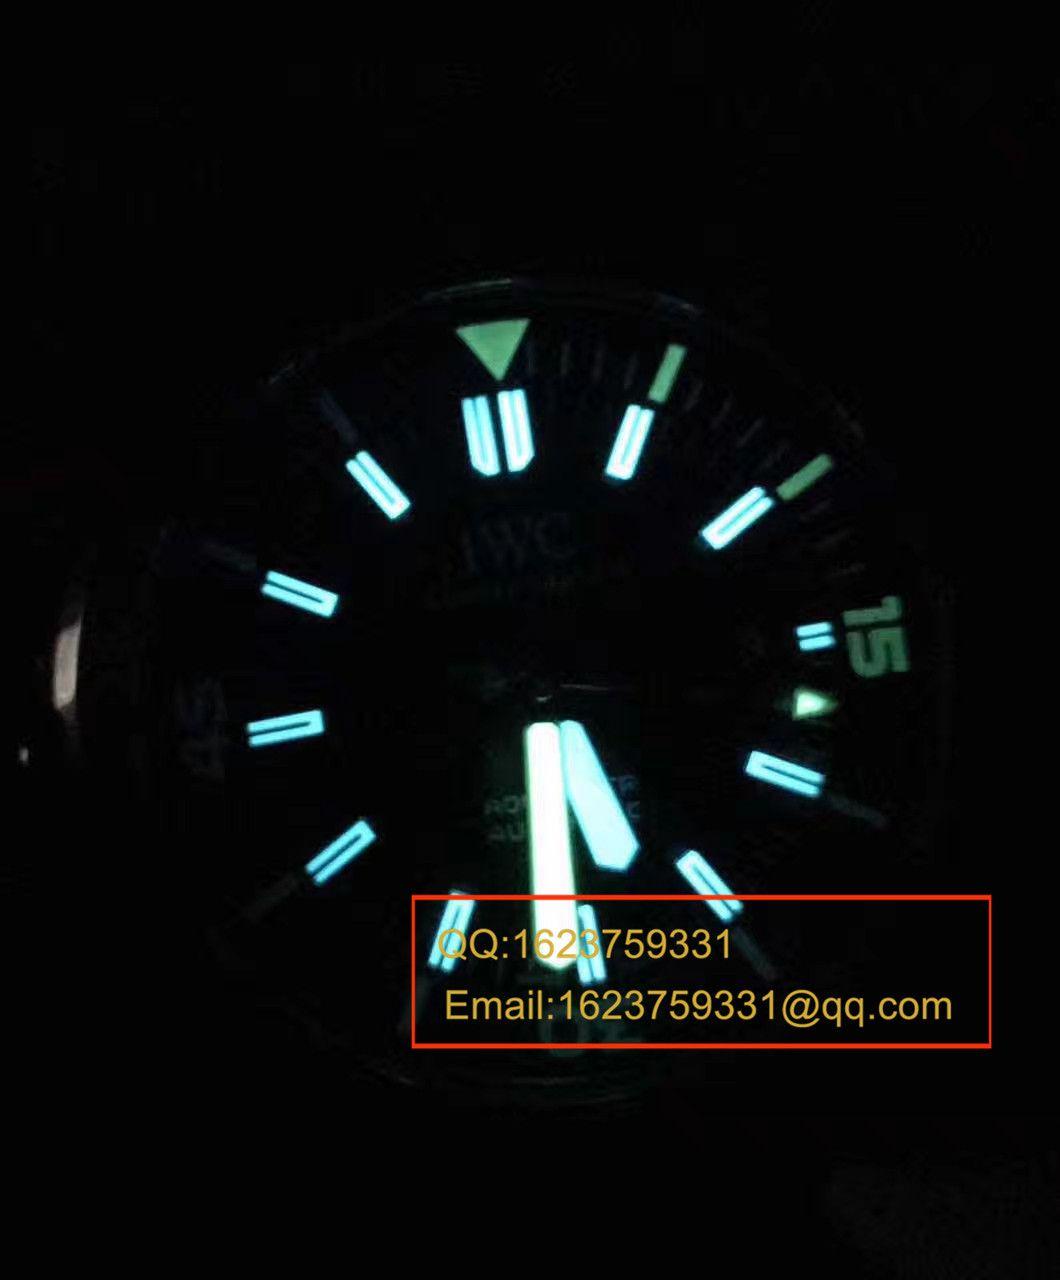 【独家视频测评1:1超A高仿手表】万国海洋时计系列CHRONOGRAPH计时IW329001腕表